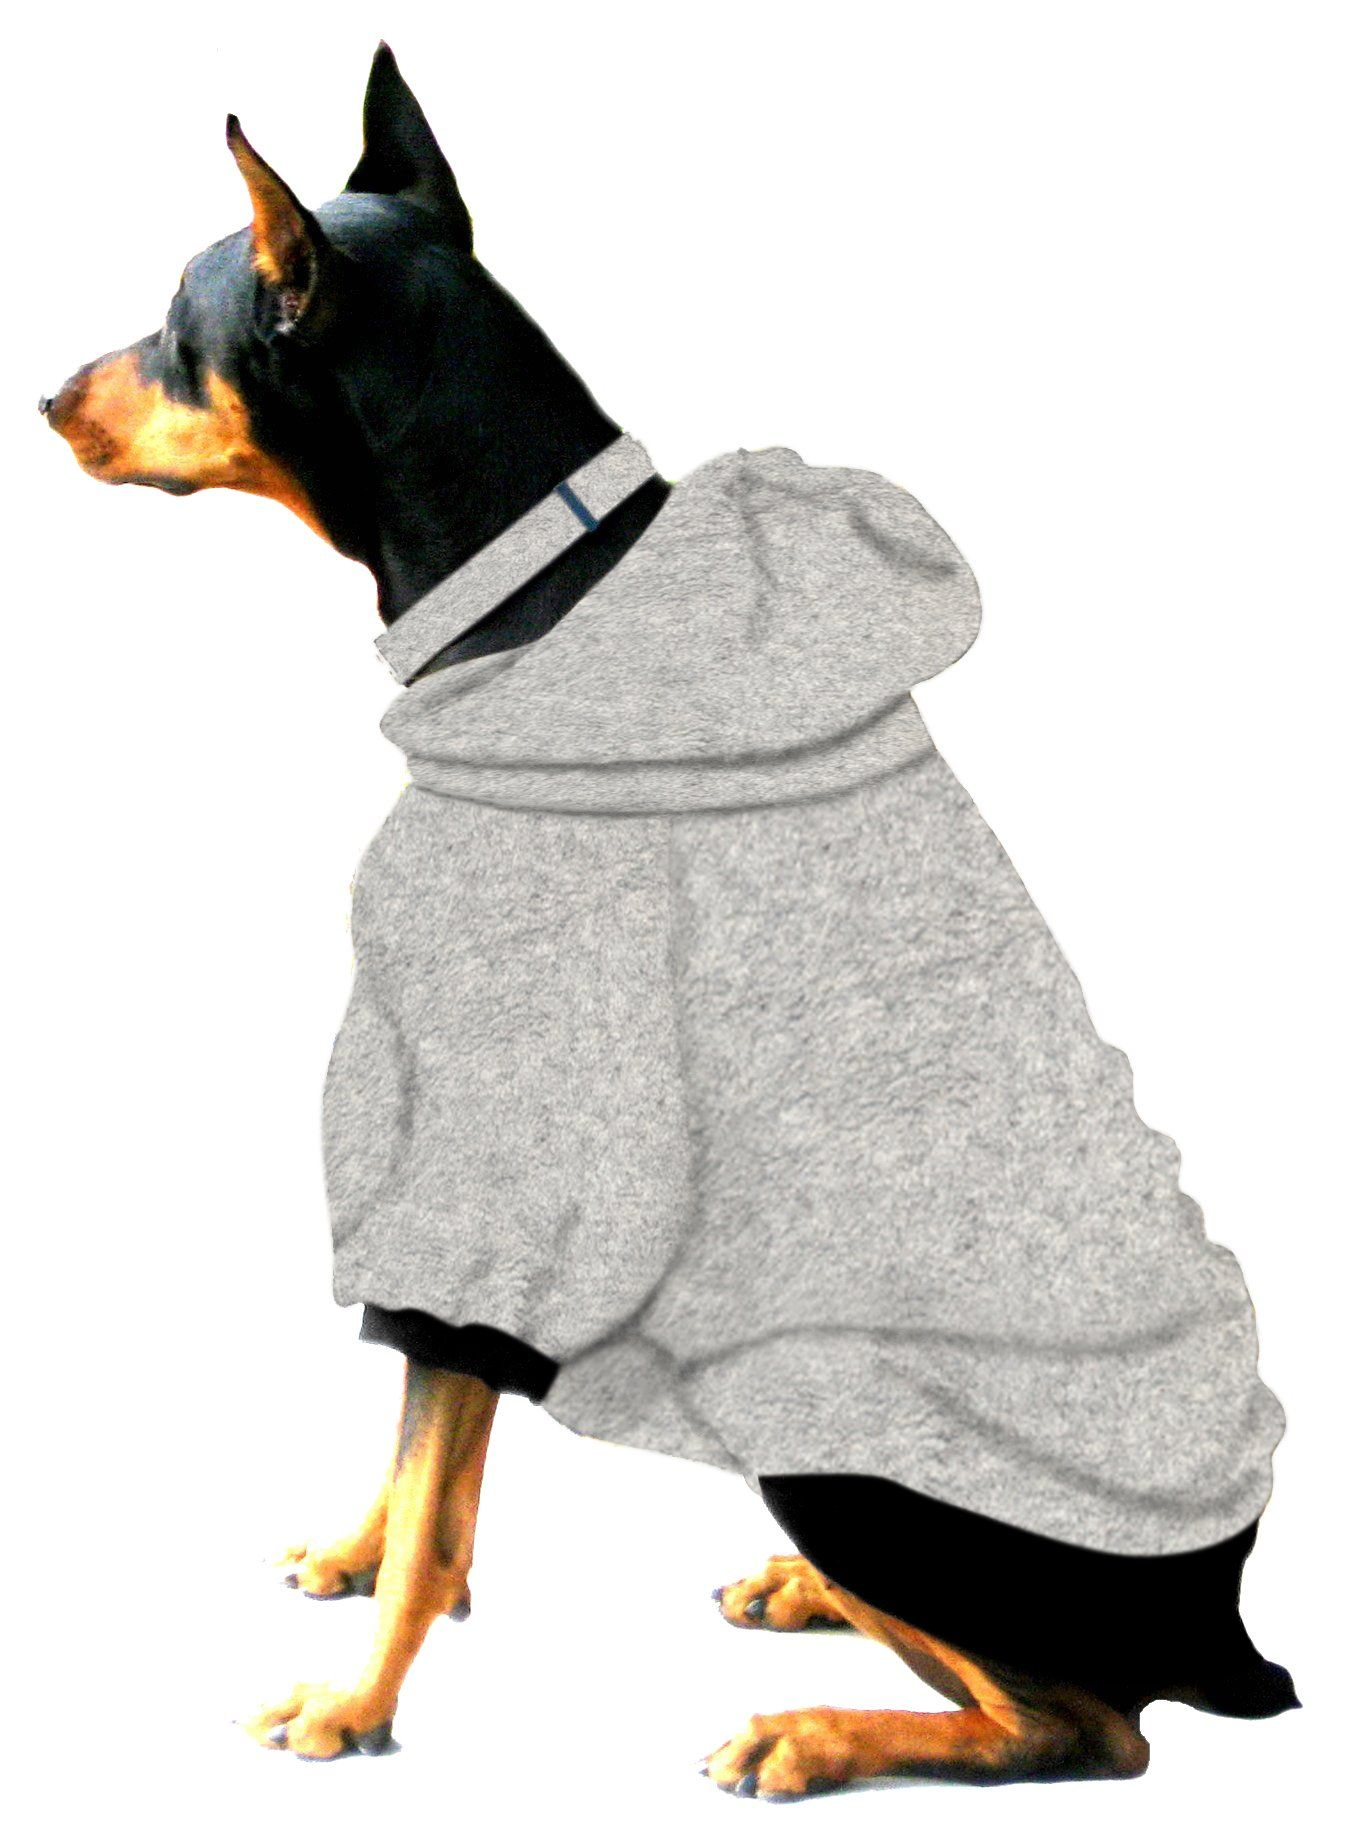 Amazon Com Boxer Doberman Dog Sweatshirt For Large Dog 60 To 90 Pounds Heather Grey Pet Coats Pet Supplies Dog Sweatshirt Doberman Dogs Doberman [ 1835 x 1361 Pixel ]